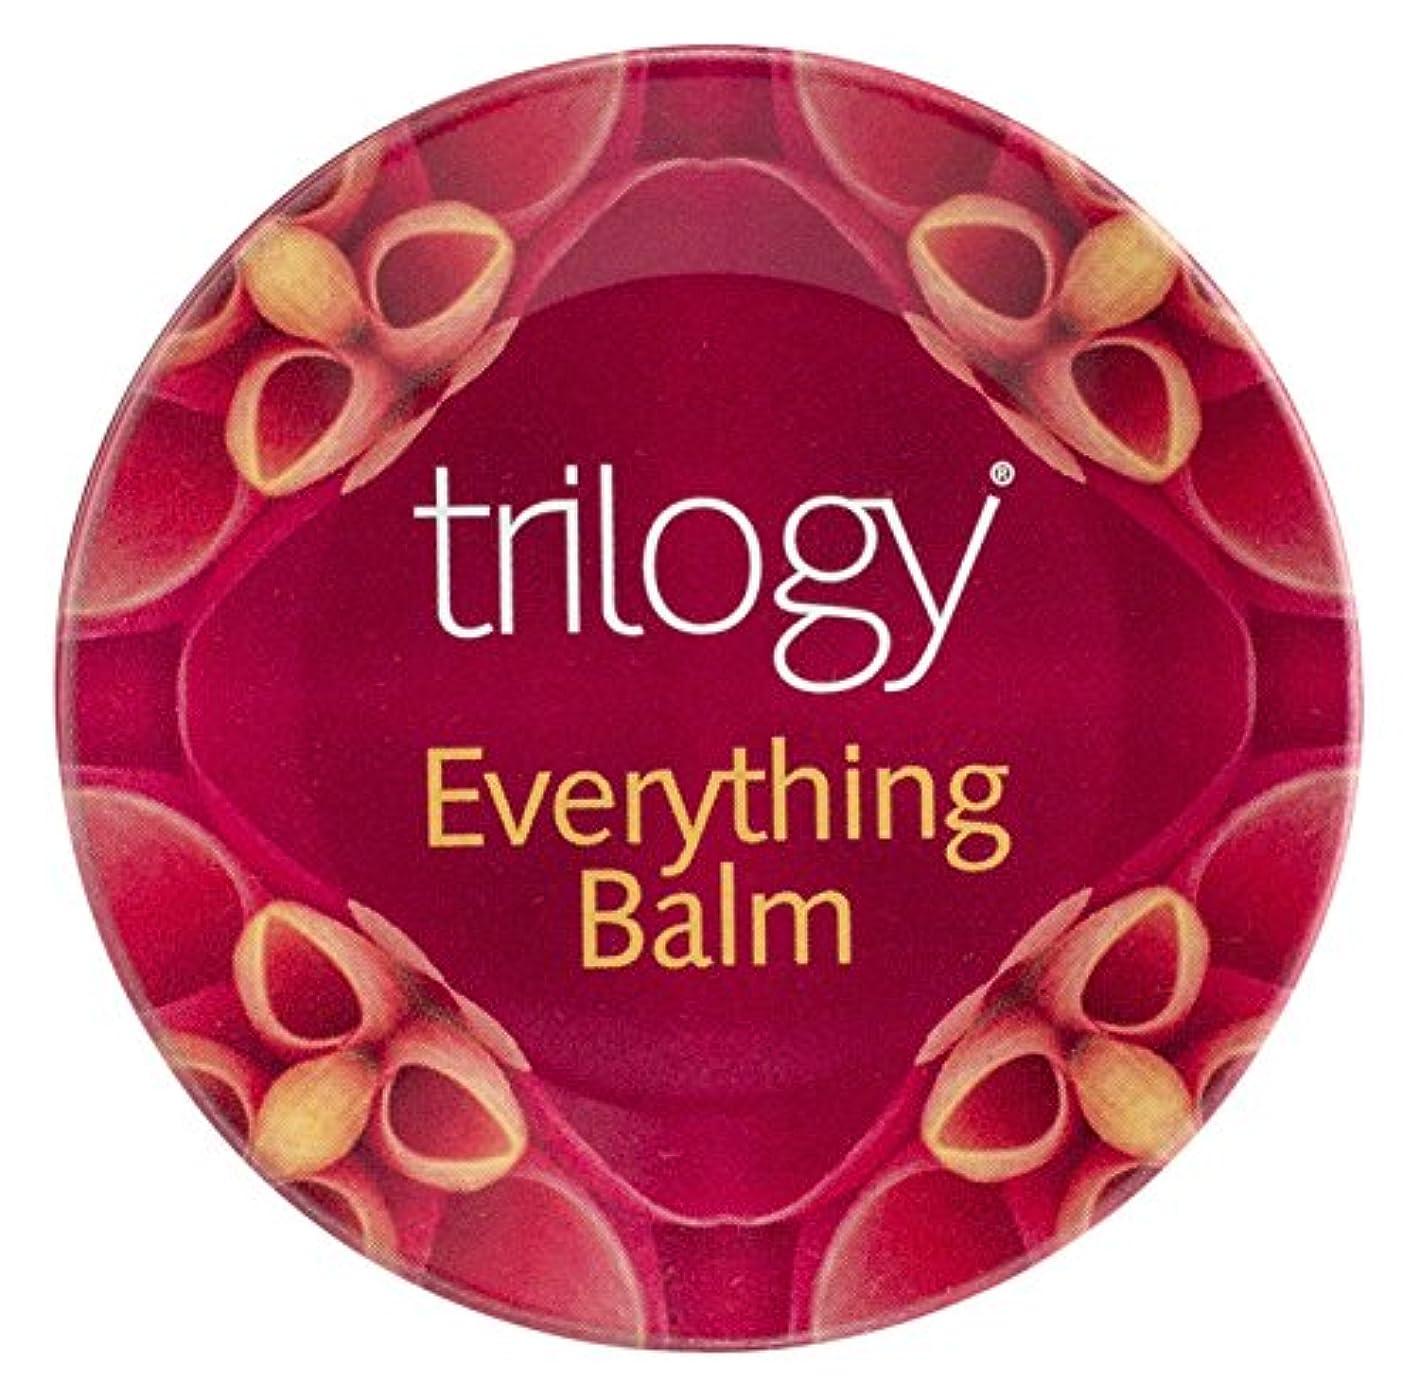 増幅する正しく周波数トリロジー(trilogy) エブリシング バーム 〈全身用バーム〉 (45mL)